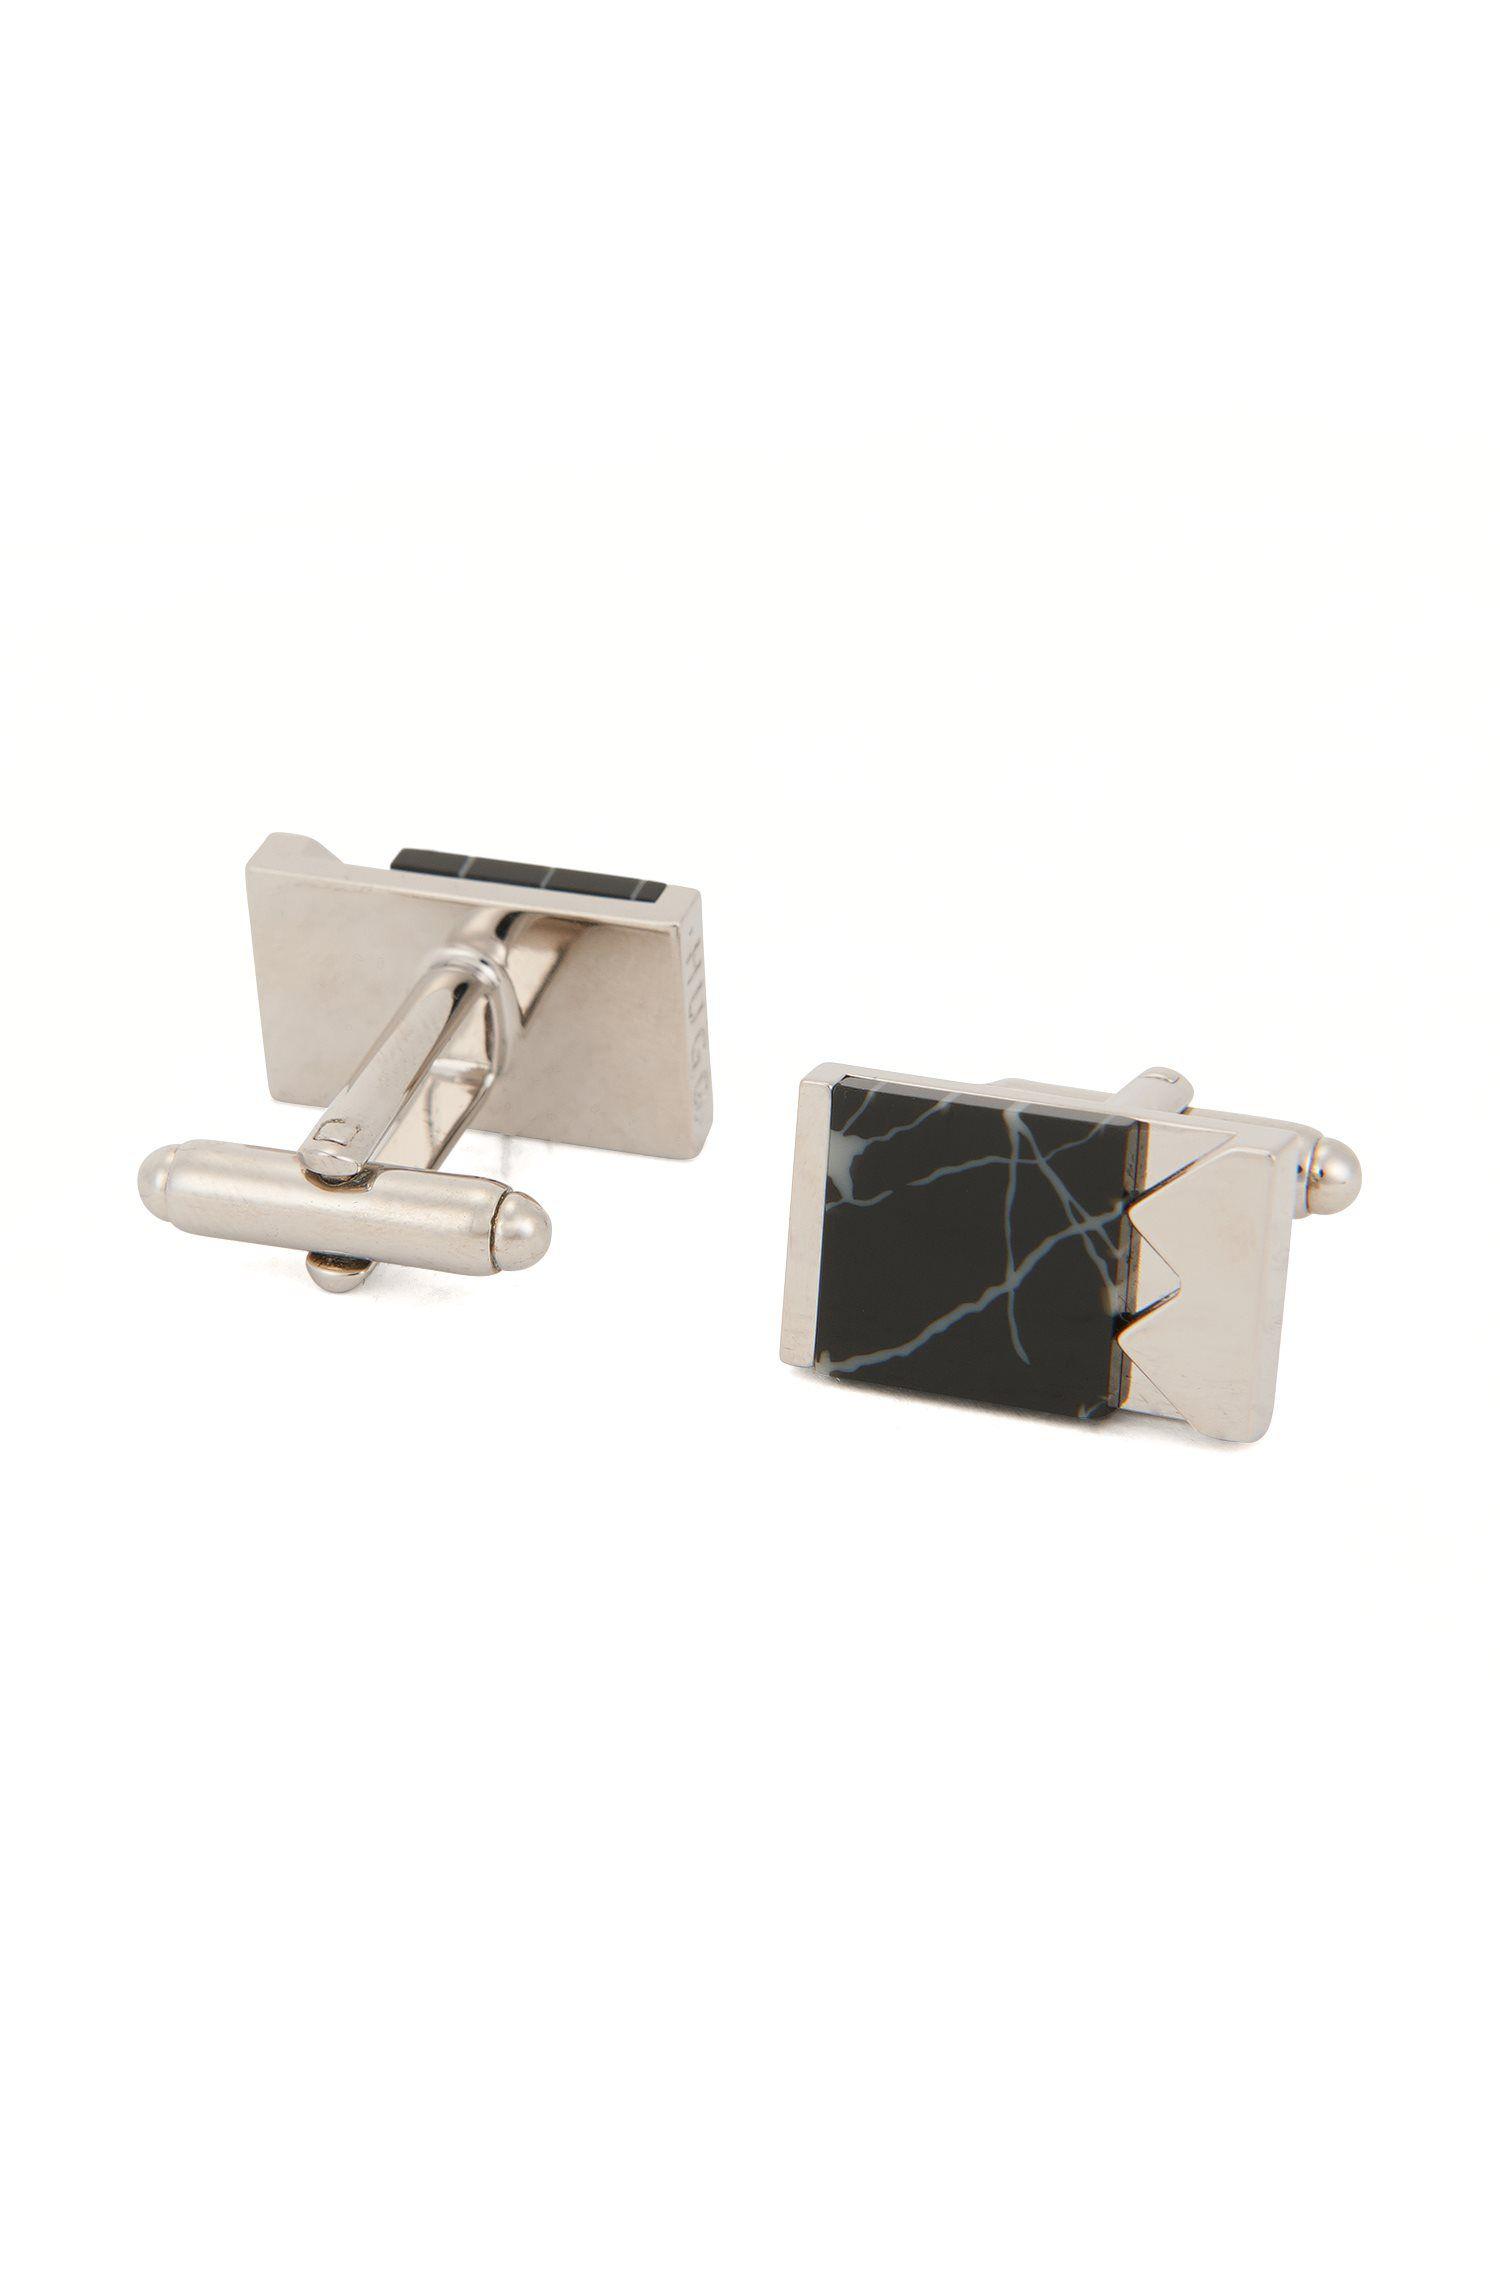 Marble & Brass Cufflinks | E-Mixed